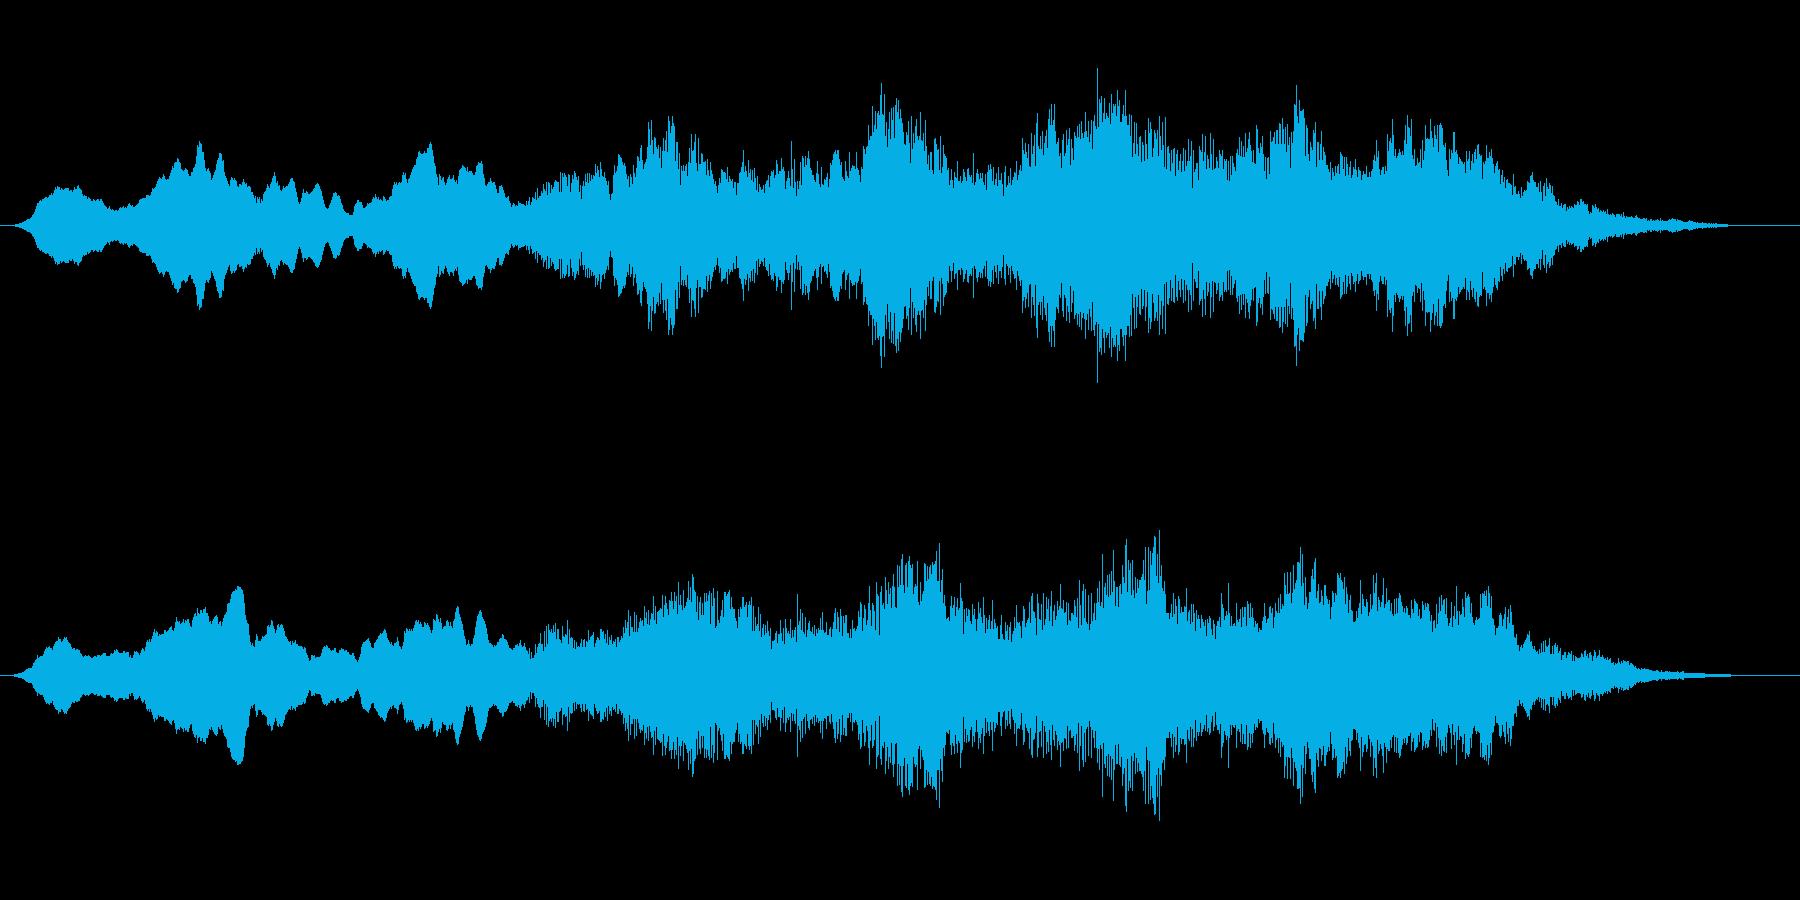 ゆったりとした雰囲気があるBGMの再生済みの波形